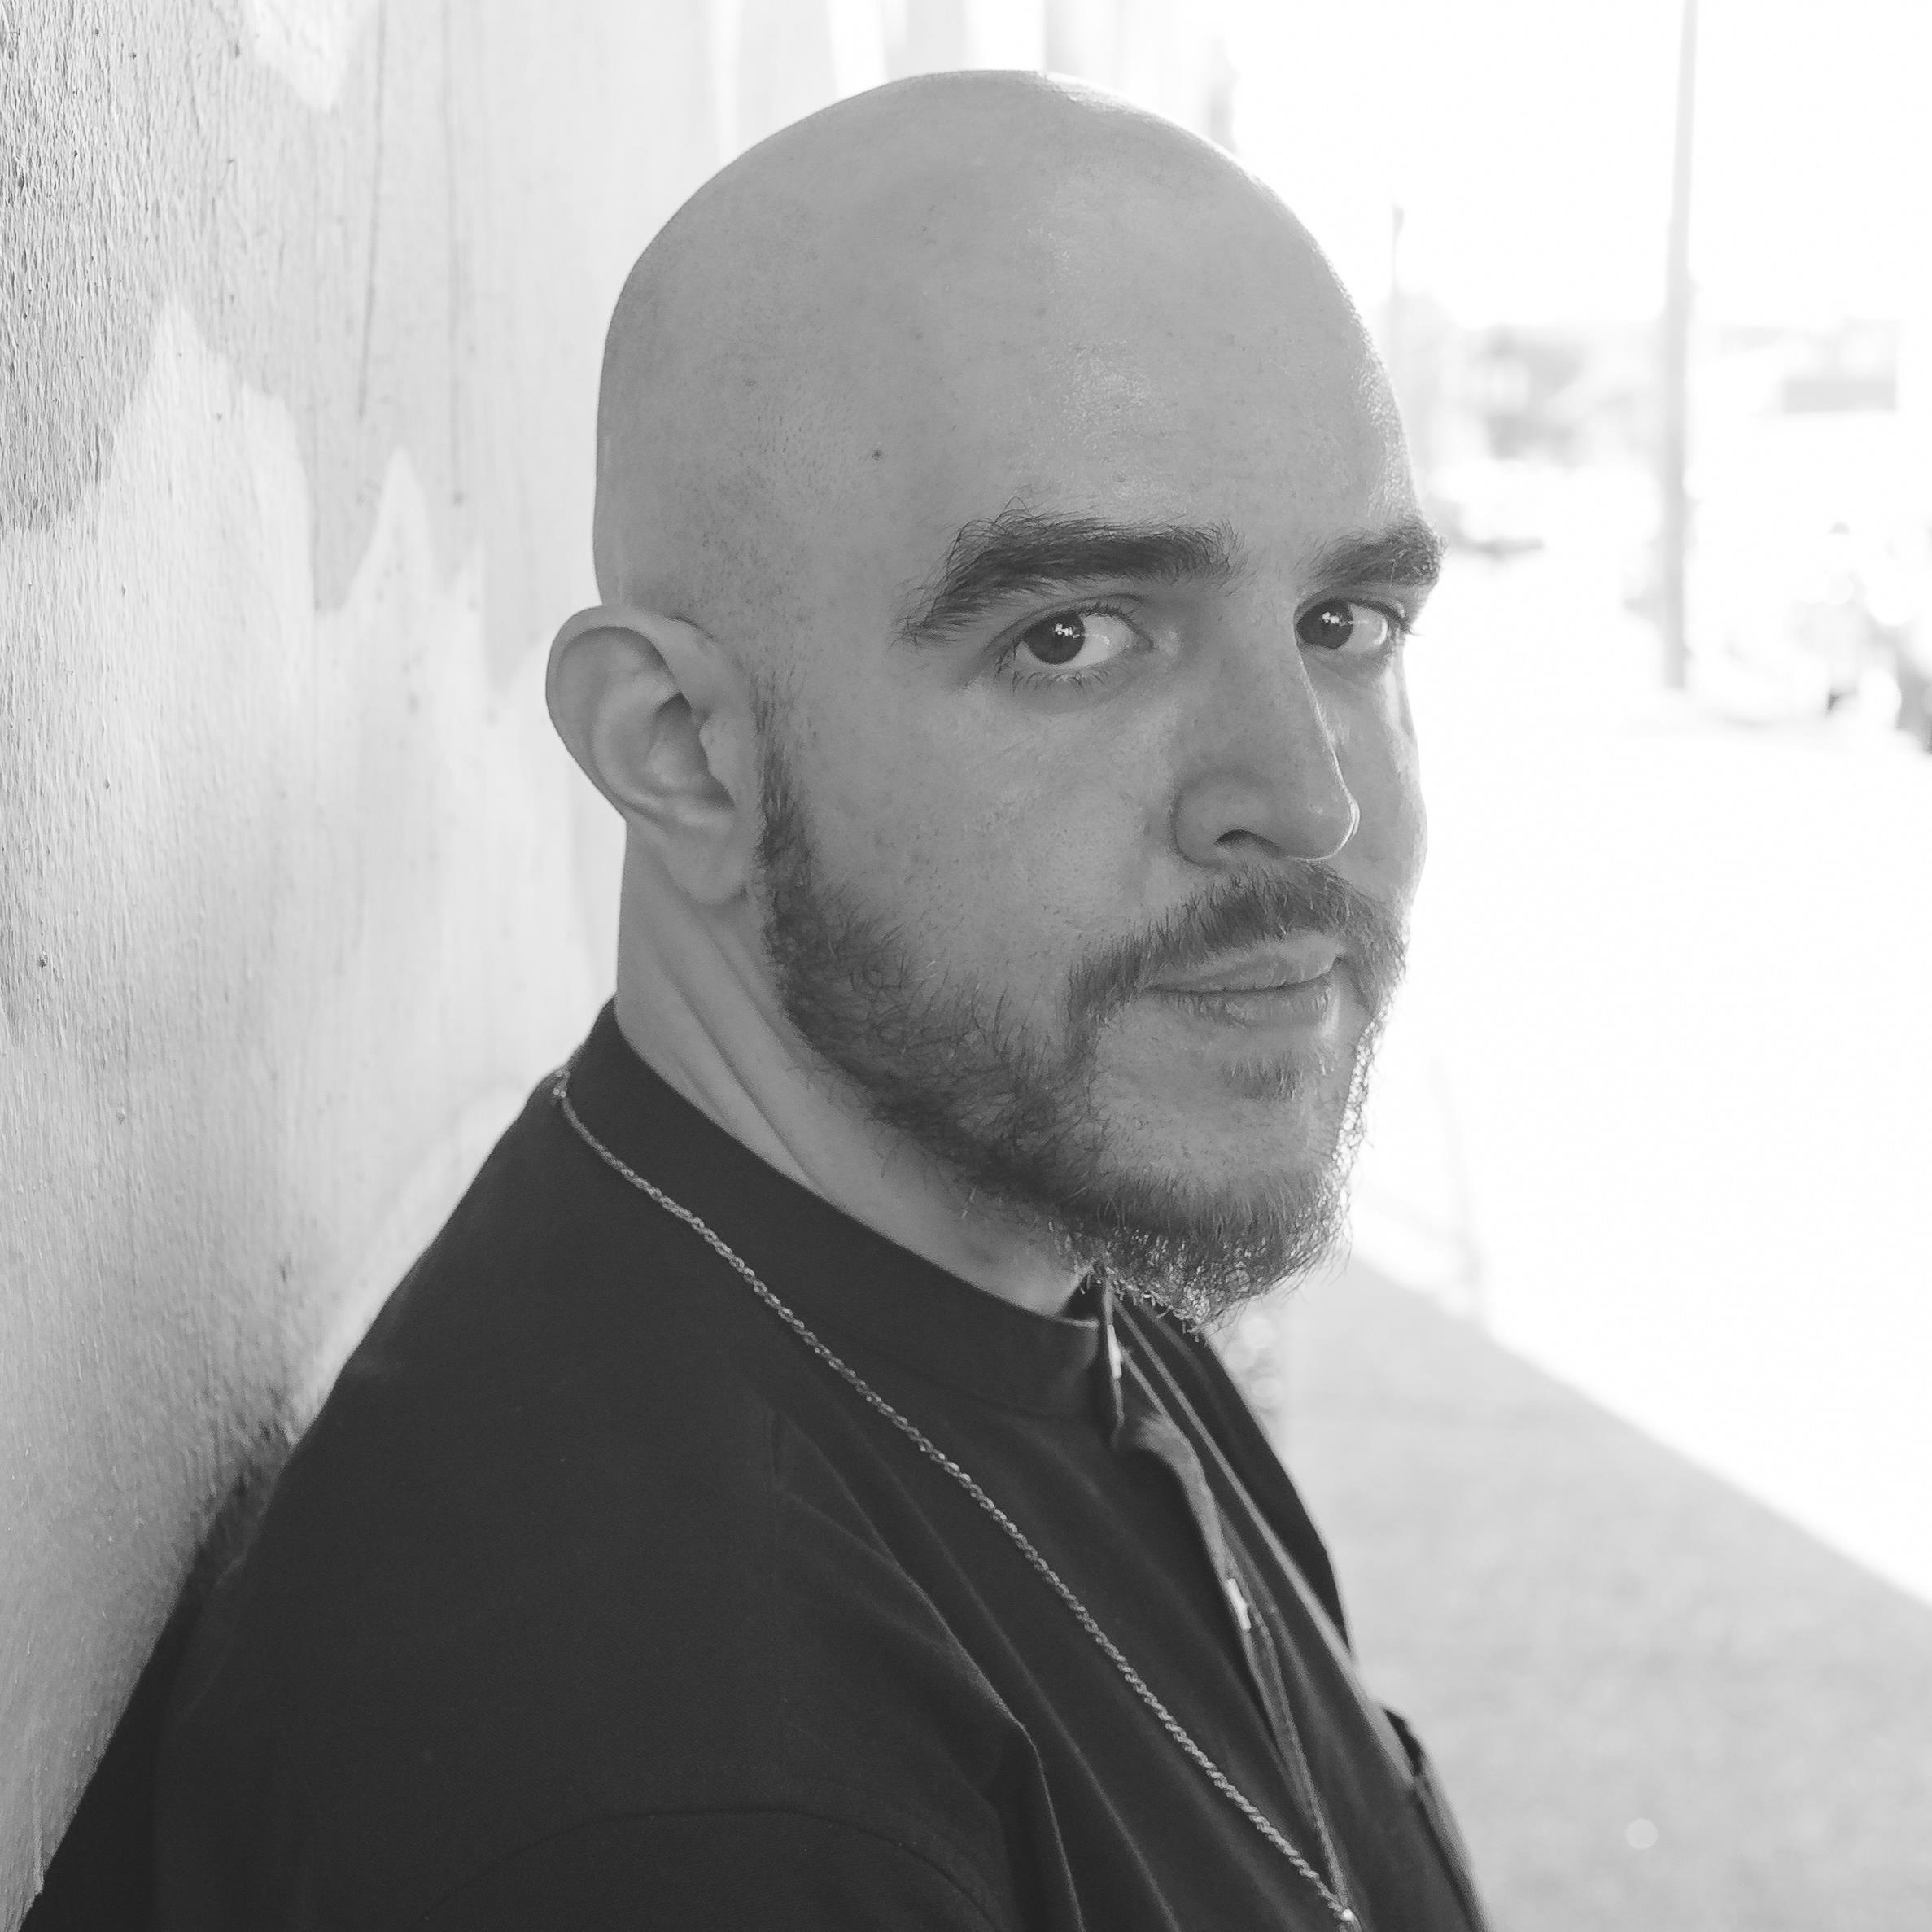 BW JoséphotobyMarcosVasquez - José Olivarez.jpg